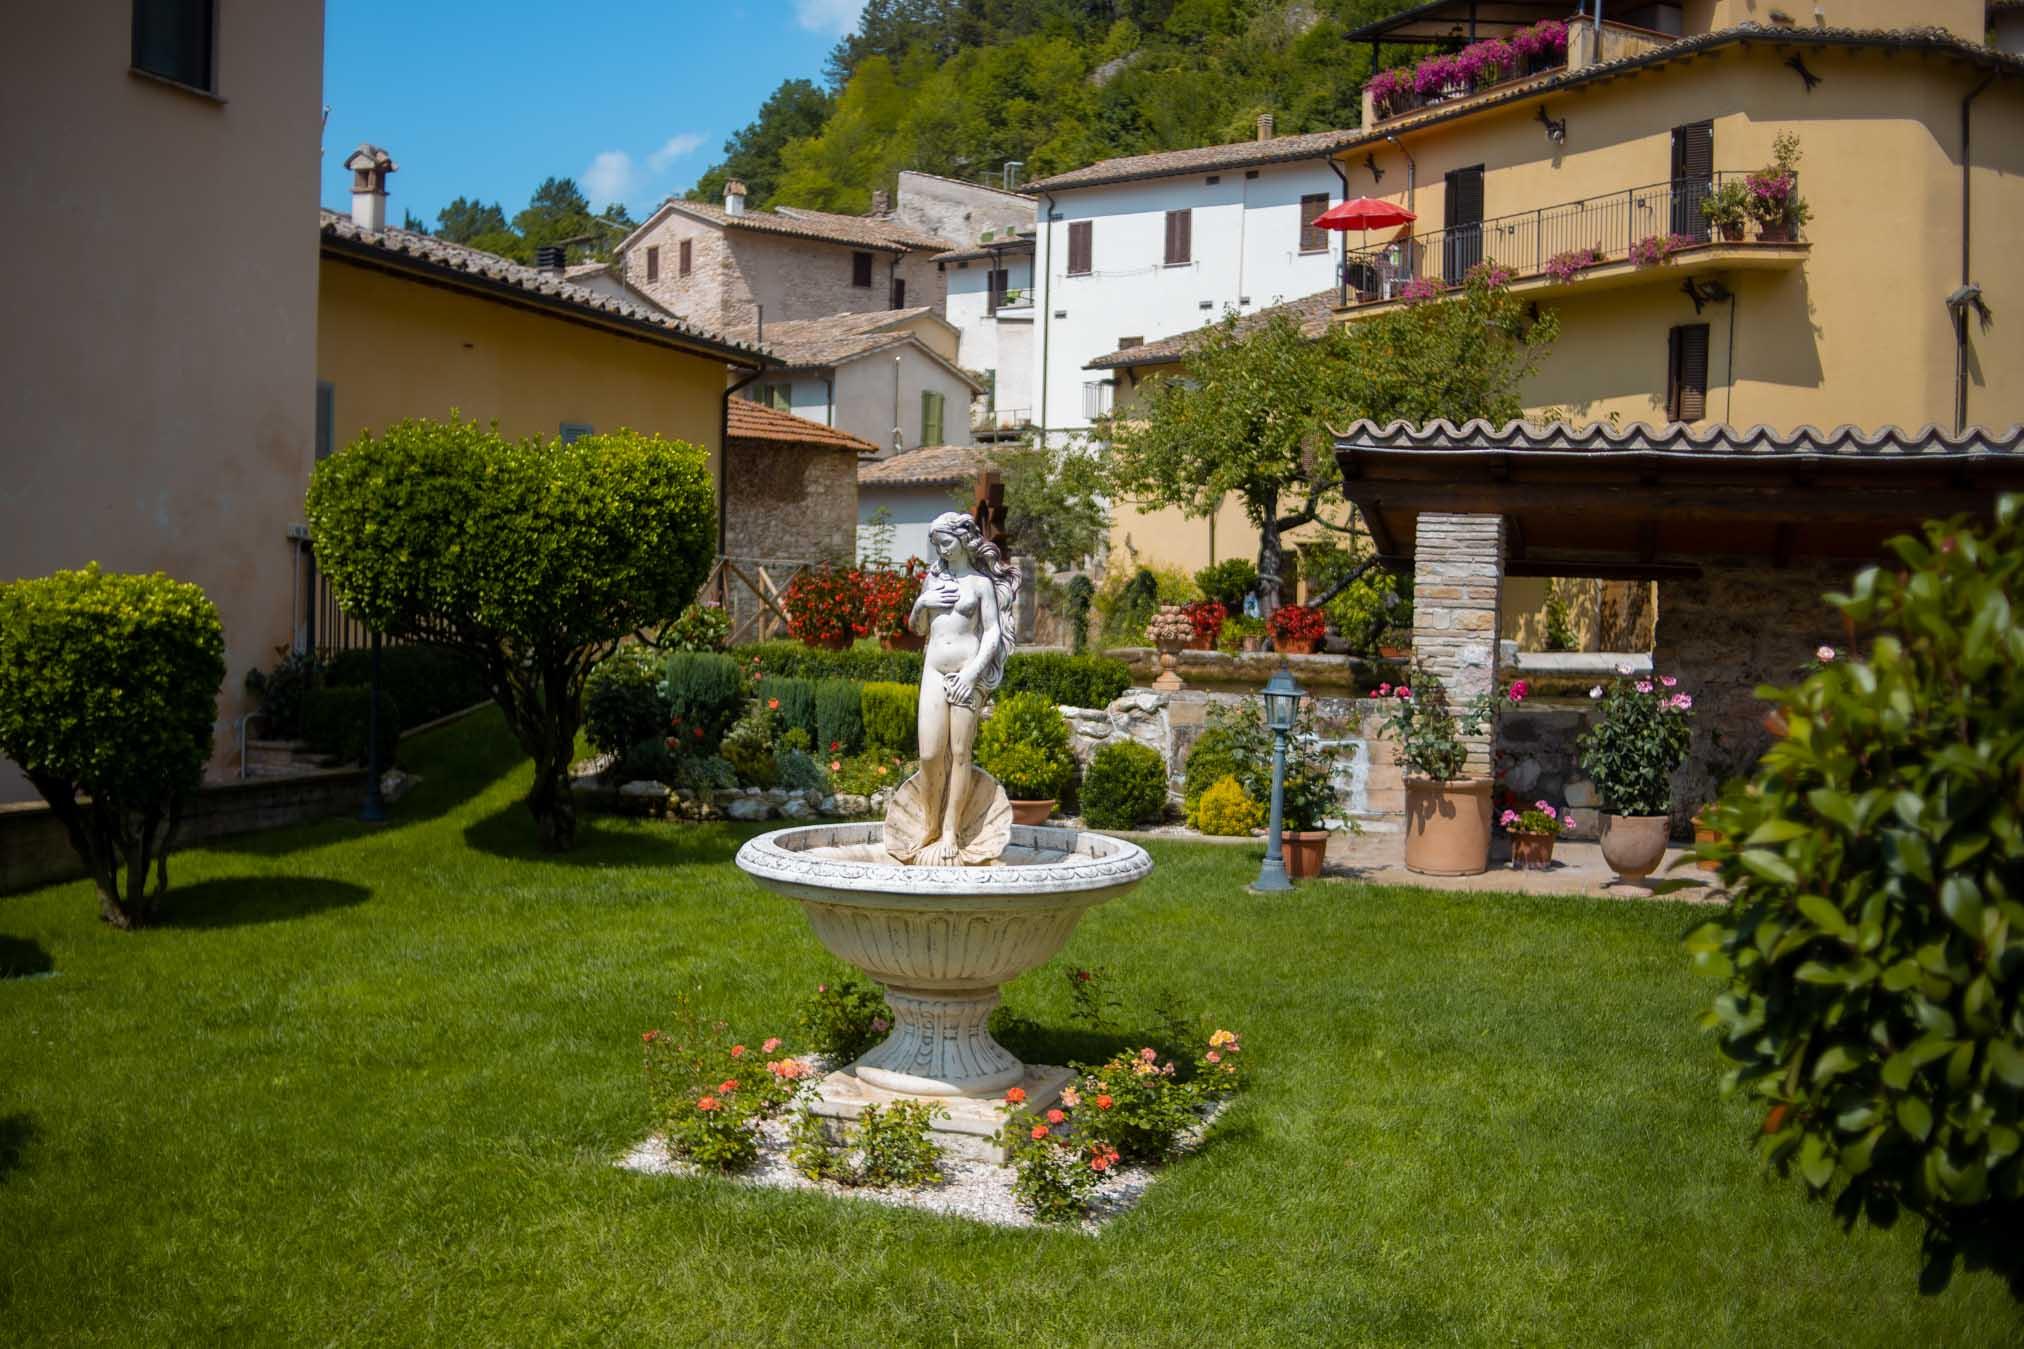 giardino curato con fiori e statua al centro di una dea a Rasiglia